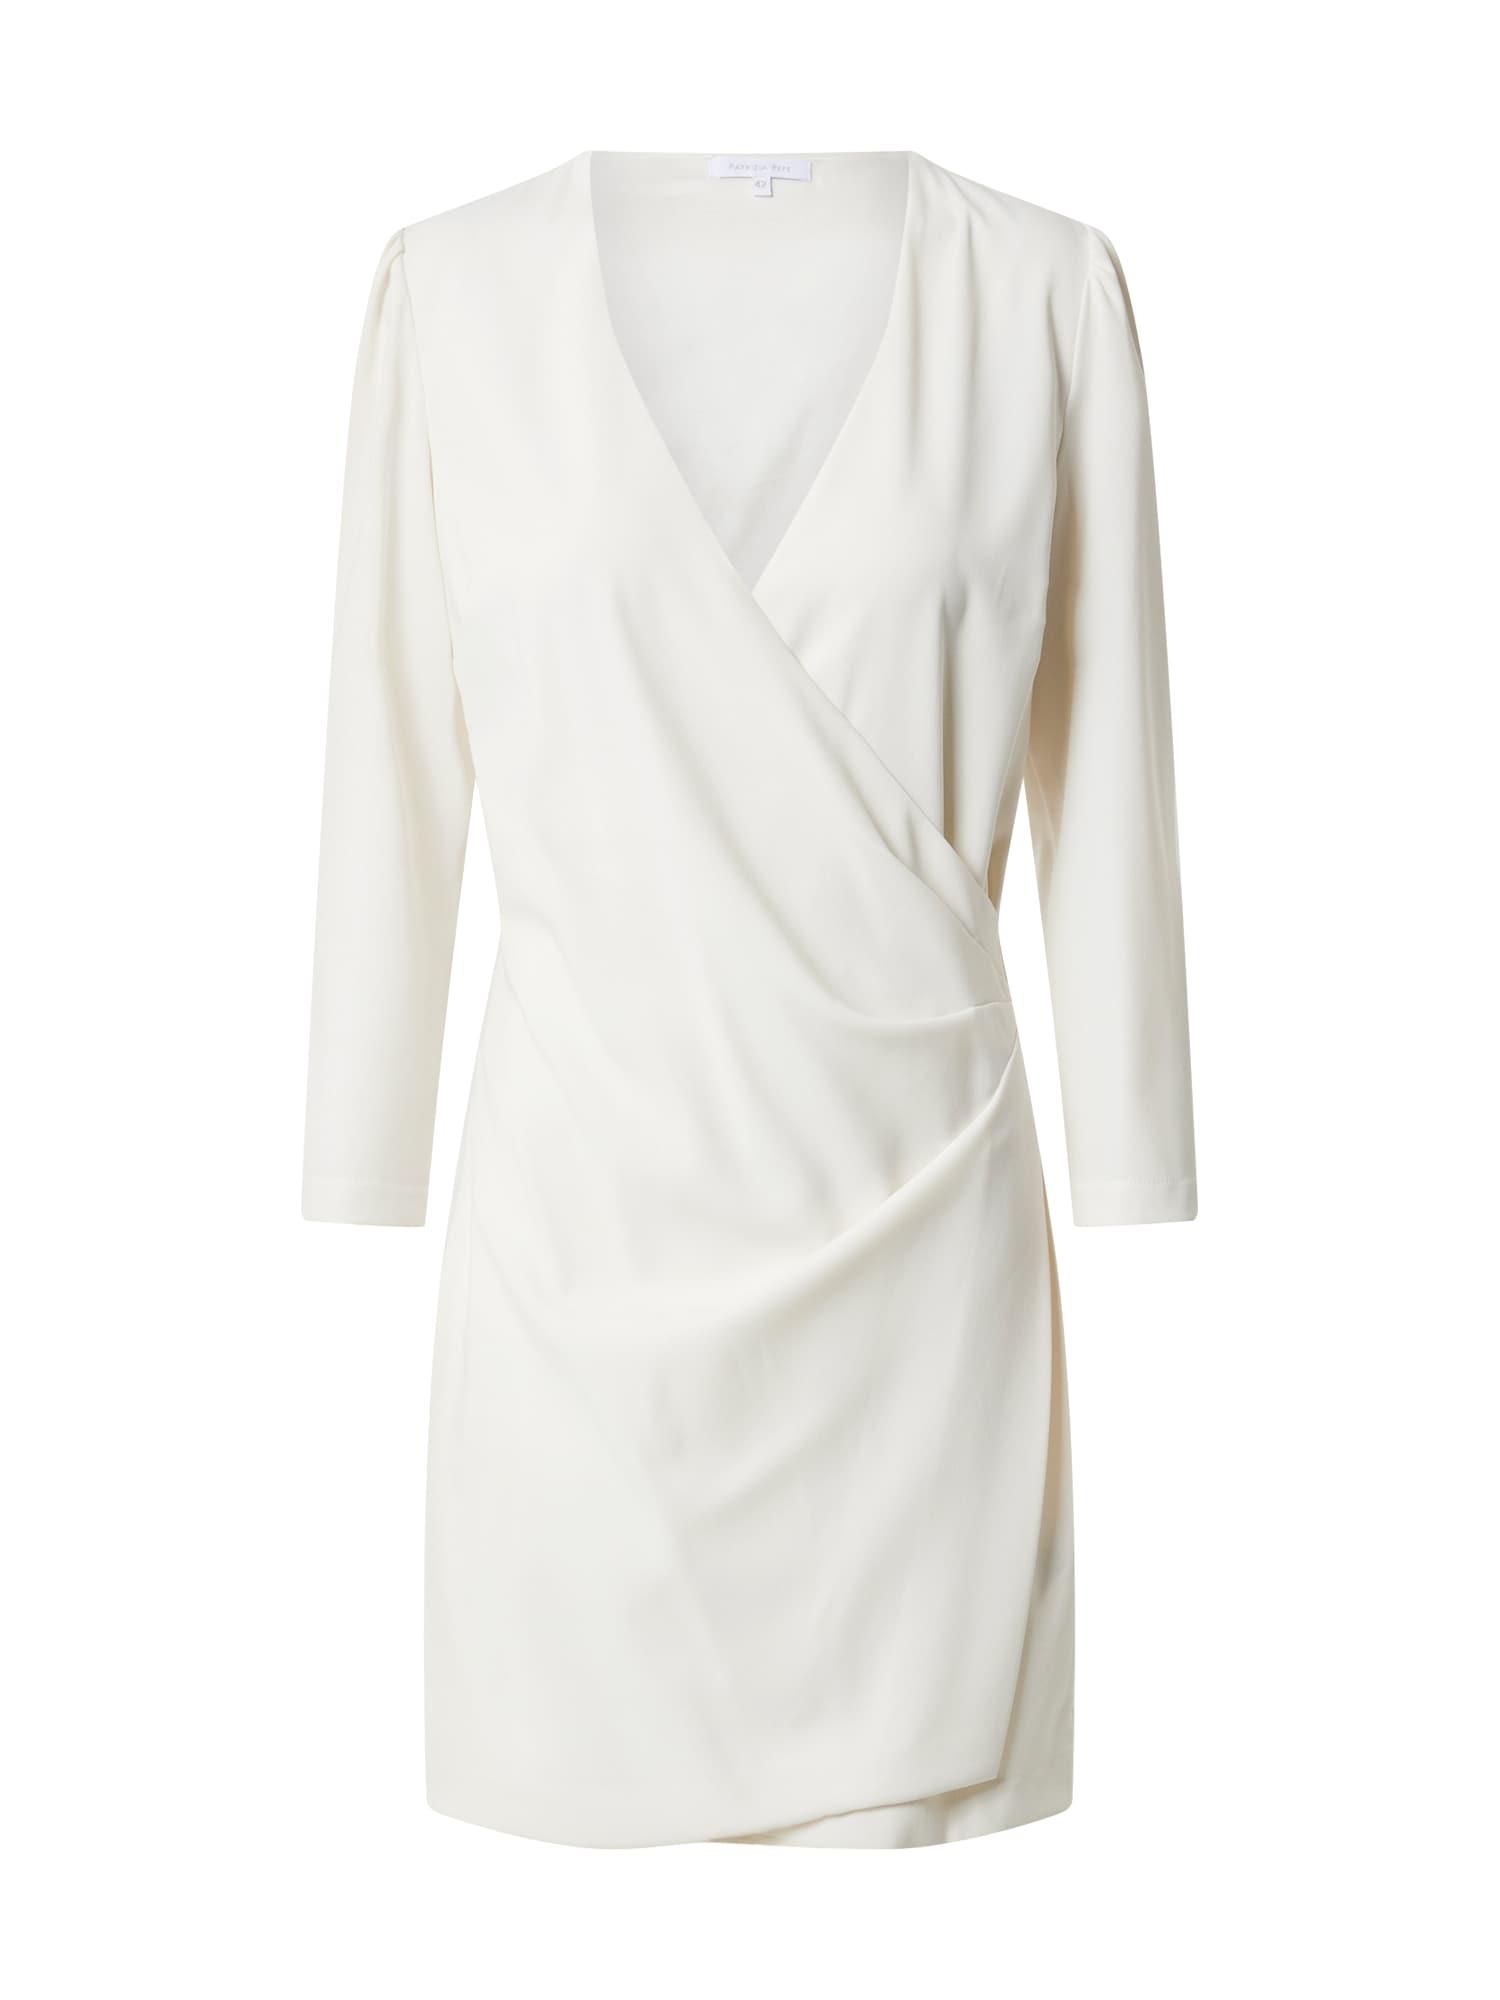 PATRIZIA PEPE Suknelė balta